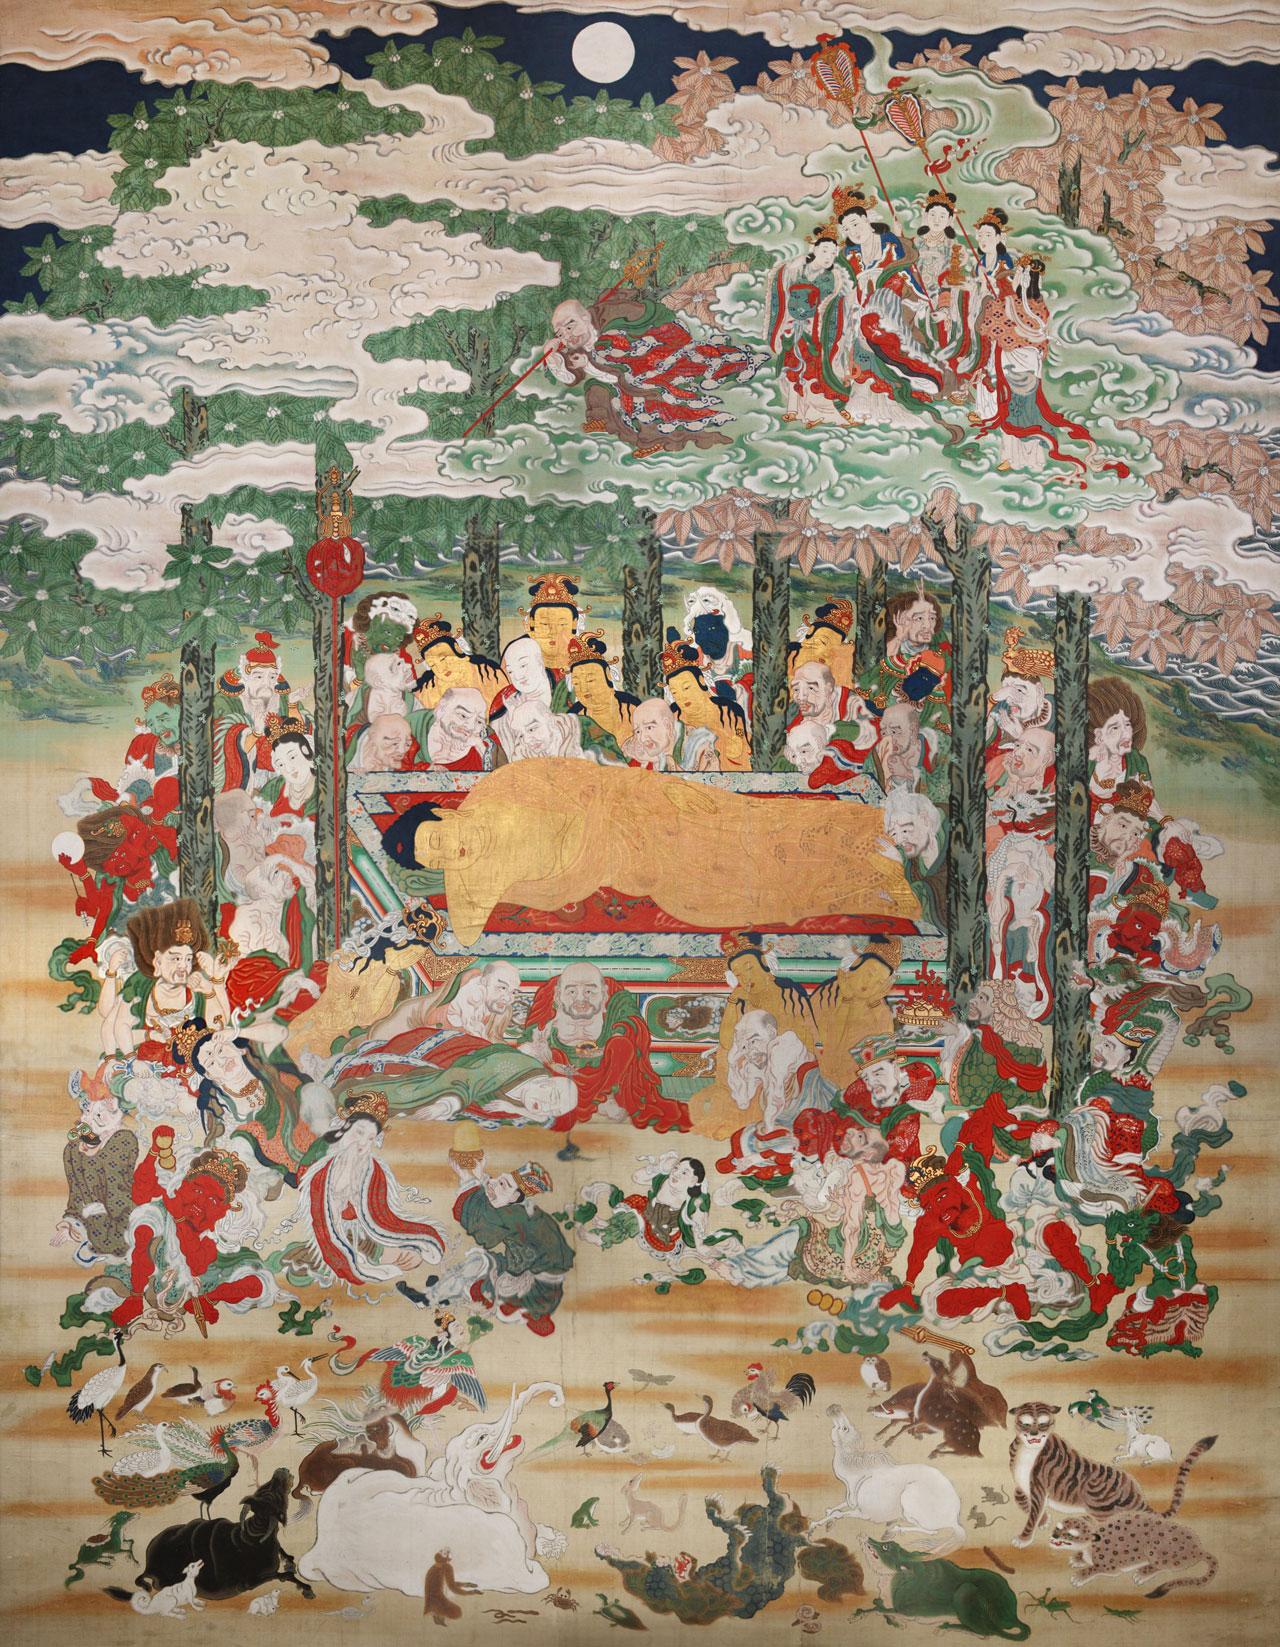 少林寺蔵涅槃図